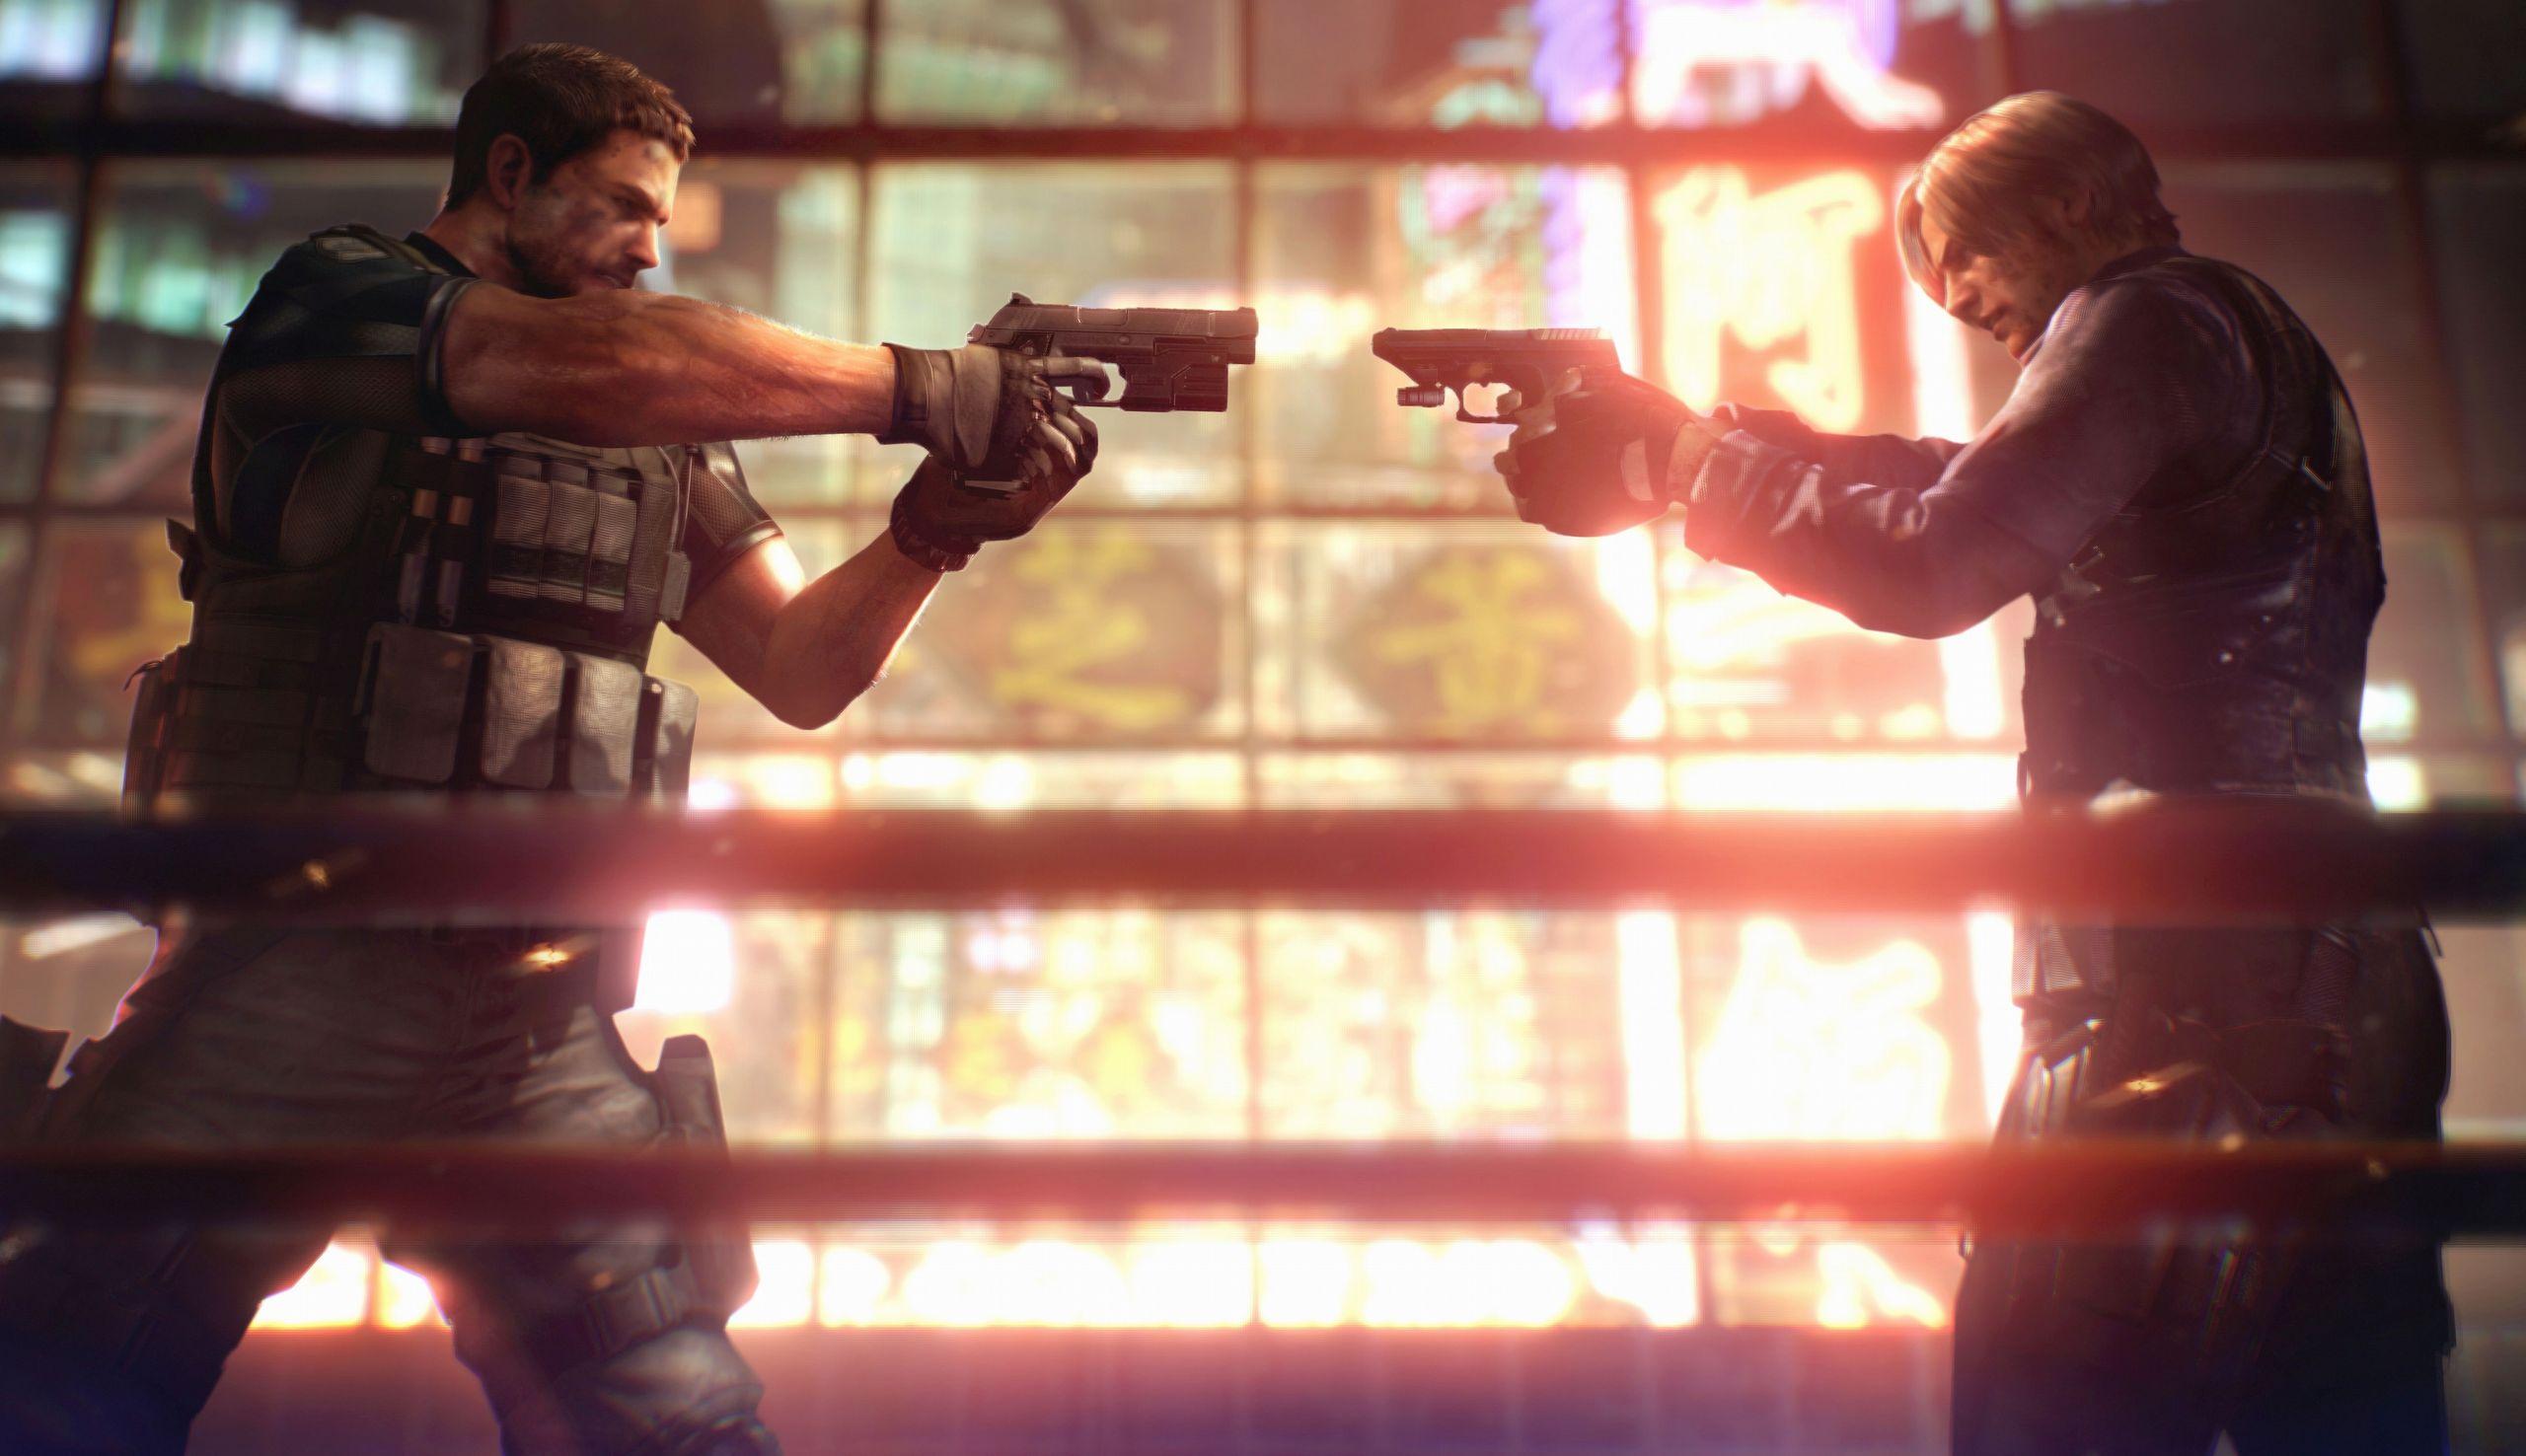 Resident Evil 6 Log 4 Why Don T The Bosses Ever Die Blondenerd Com